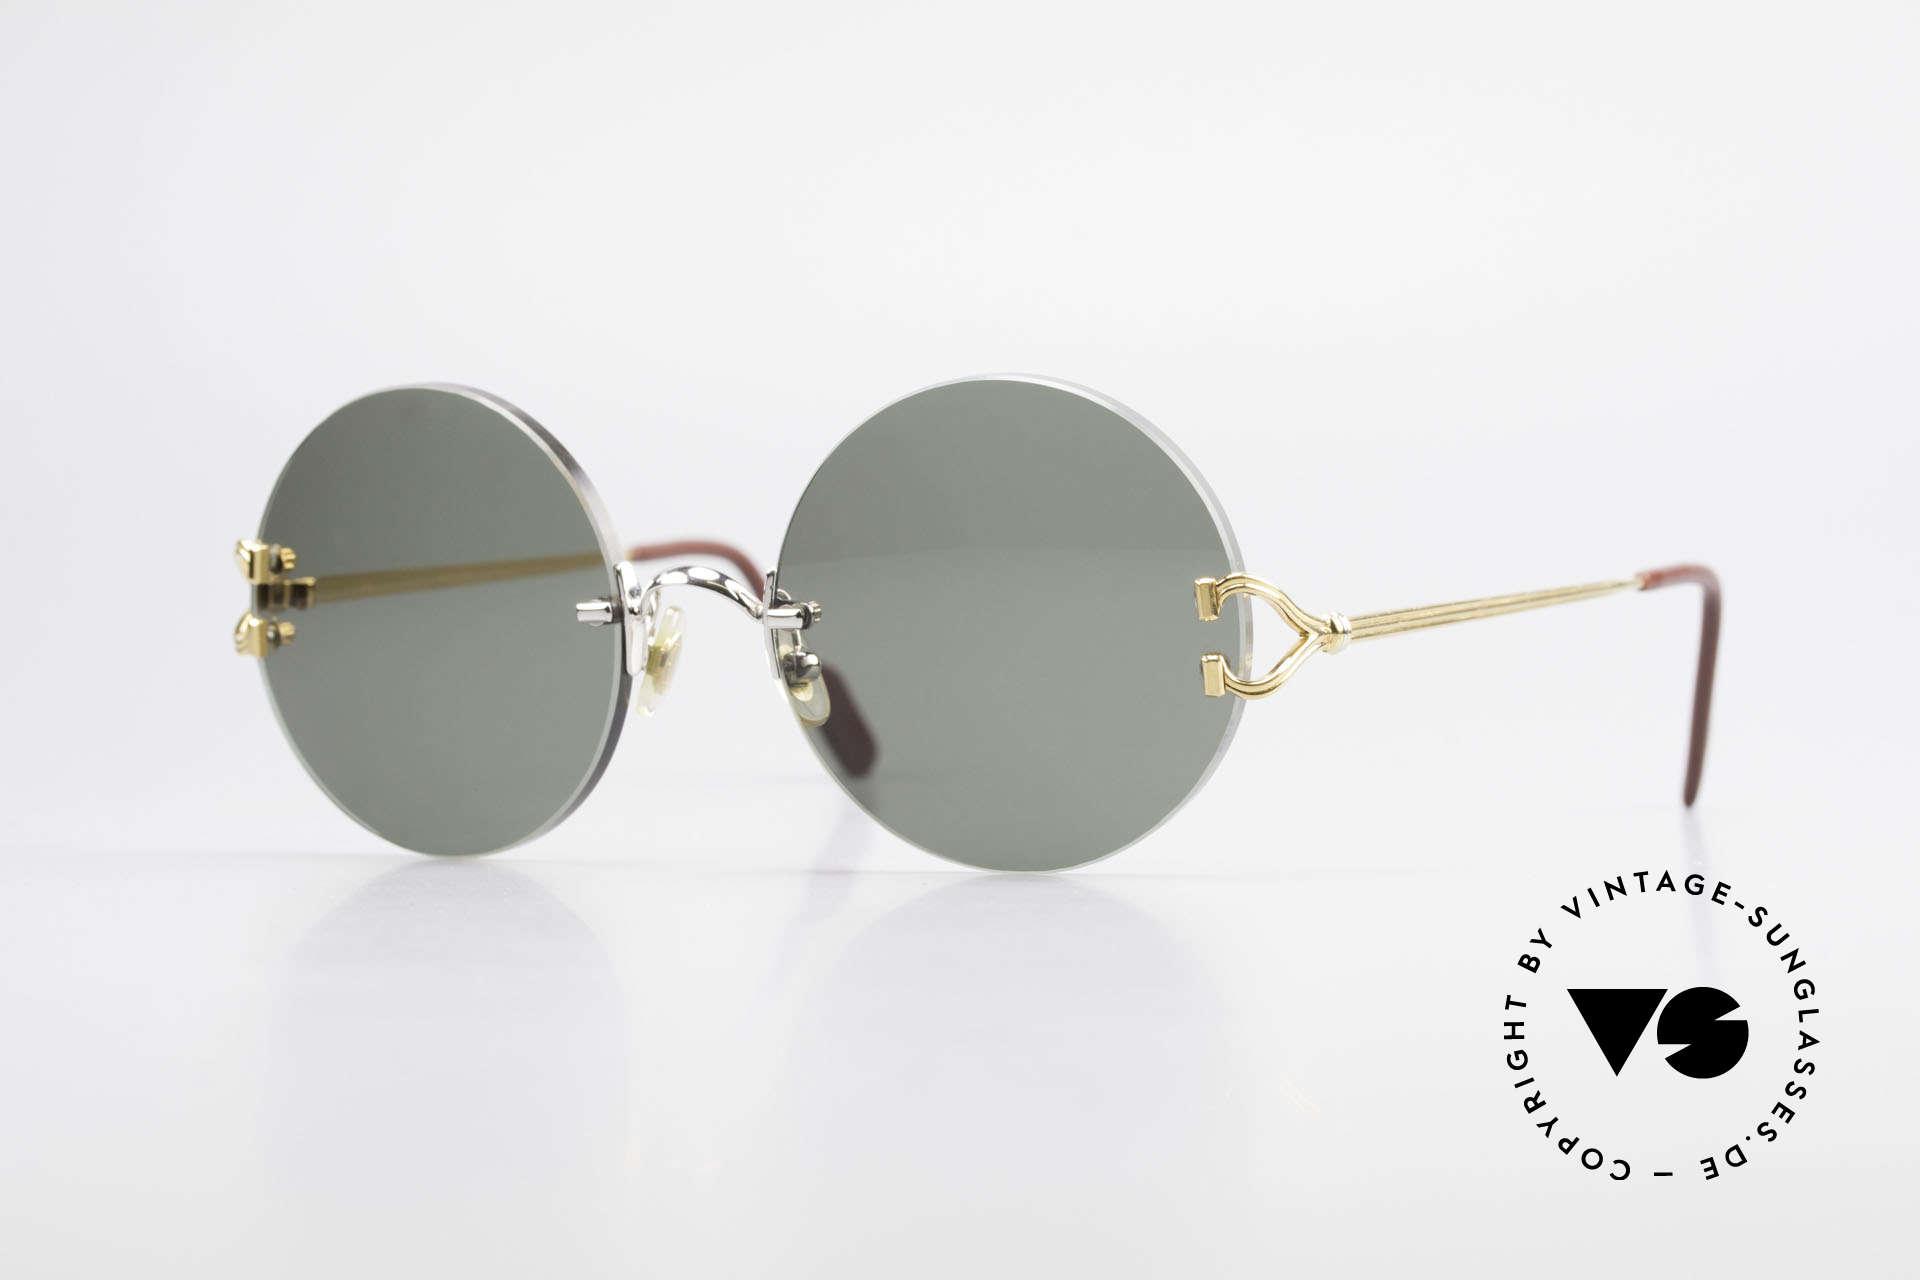 Cartier Madison Runde Customized Sonnenbrille, edle runde Cartier Luxus-Sonnenbrille von 1997, Passend für Herren und Damen